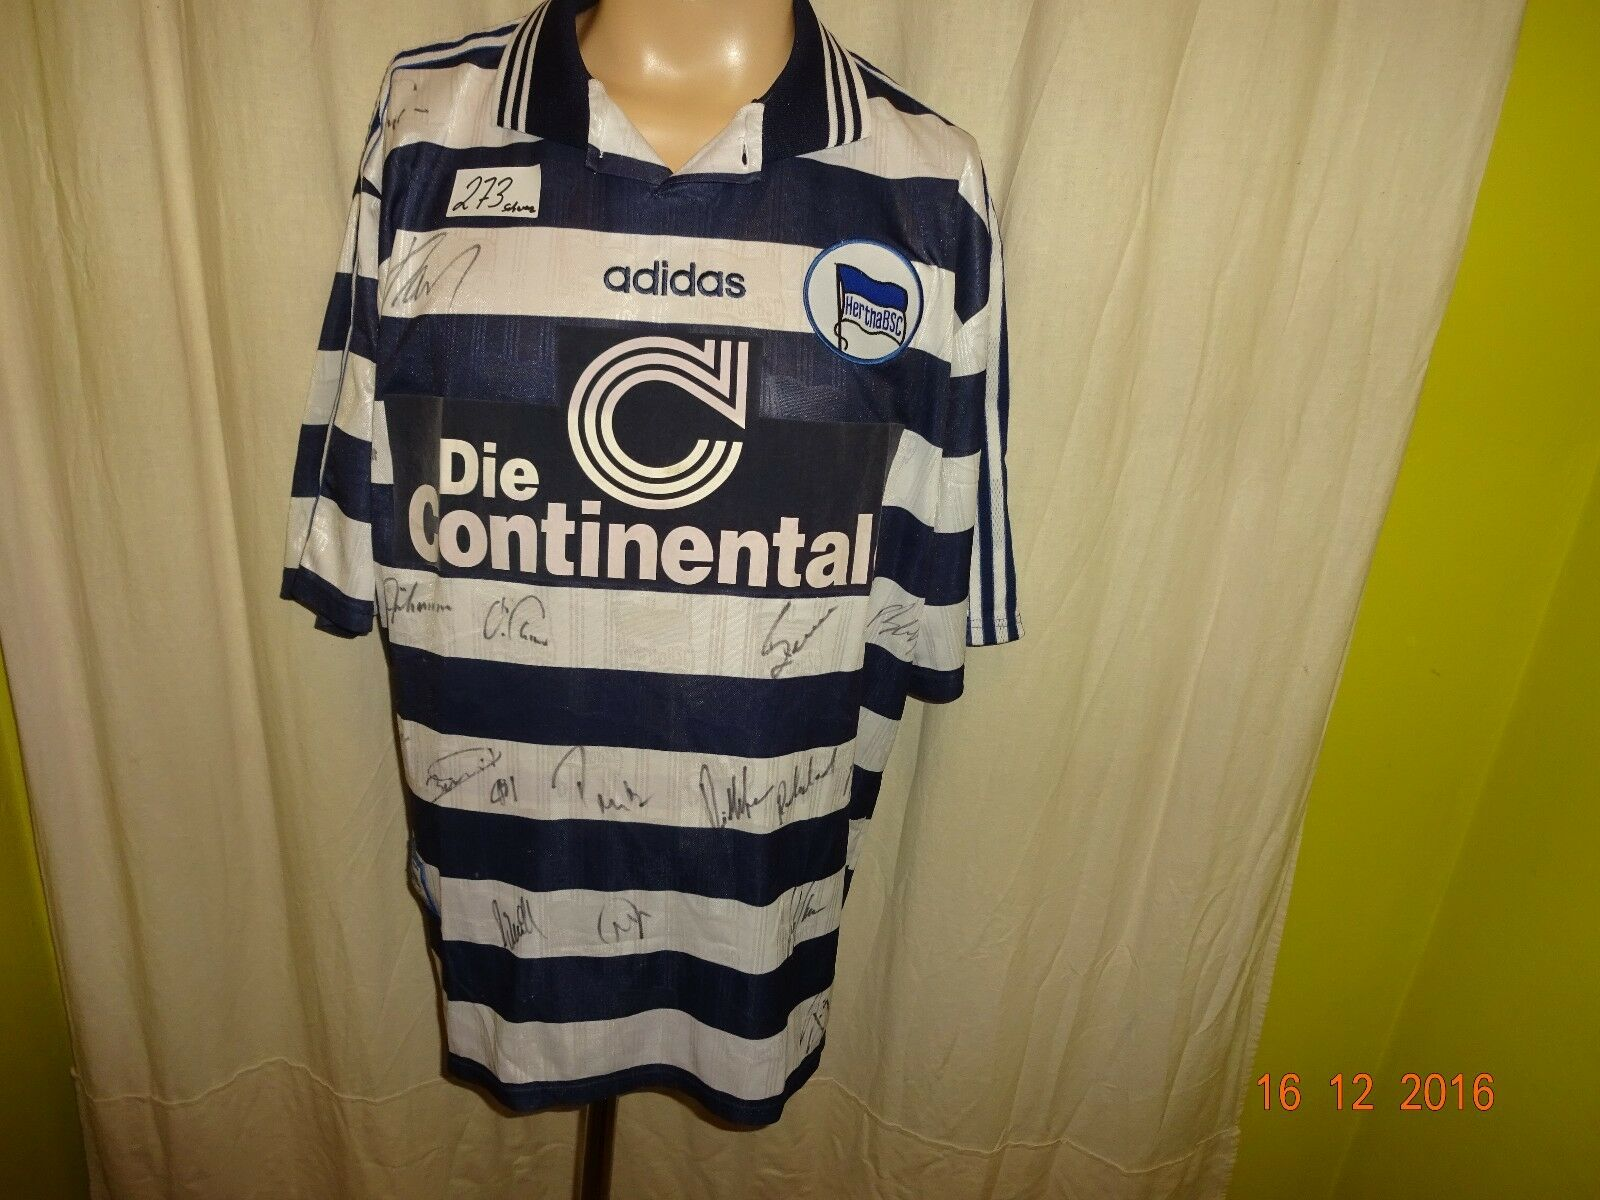 Hertha BSC BSC BSC Berlin Original Adidas Heim Trikot 1997 98 + Handsigniert Gr.XL TOP 56123d